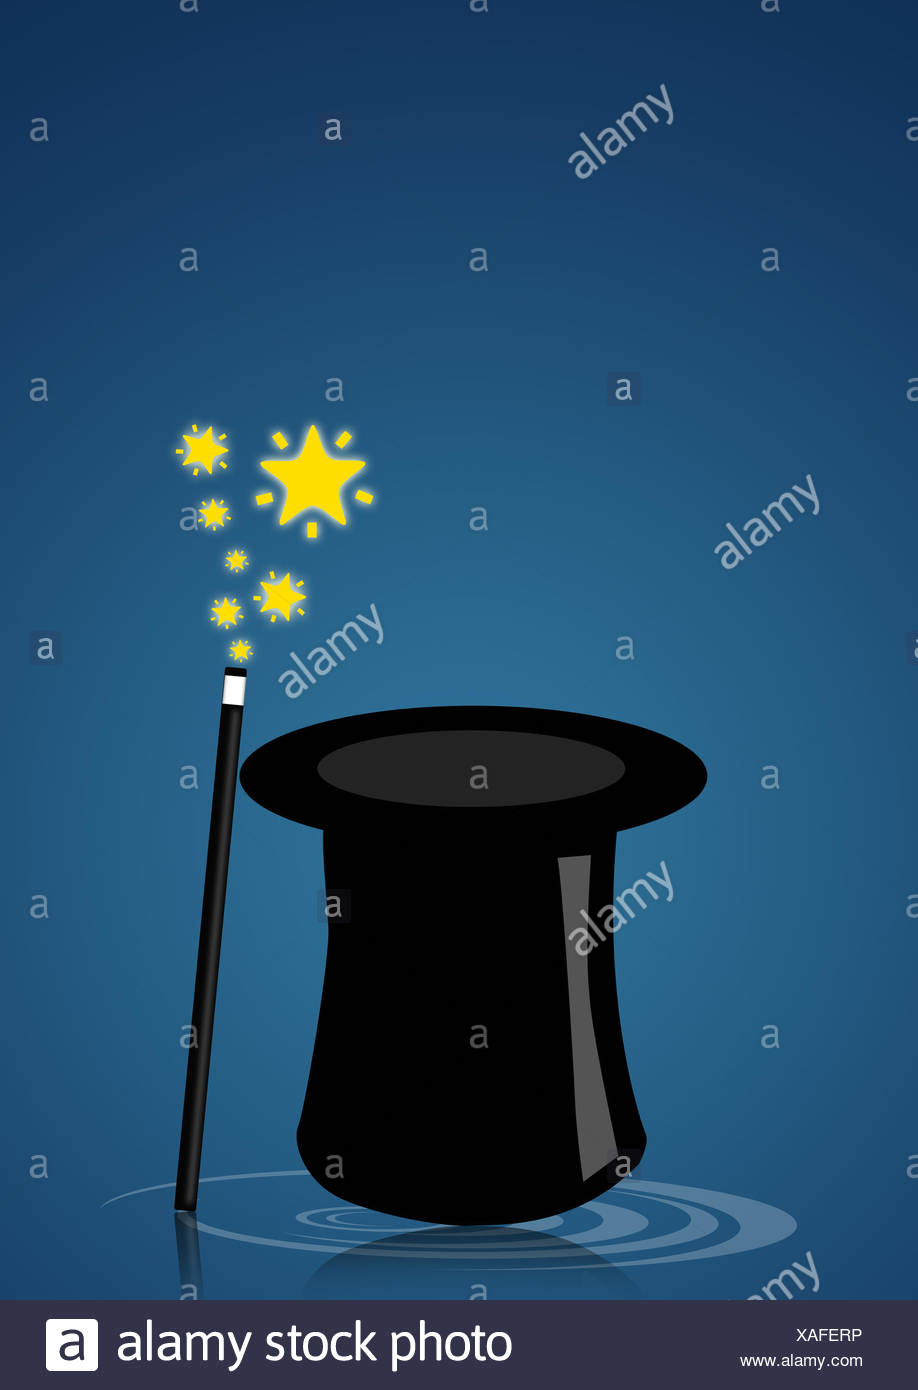 Accesorios accesorios sombrero ilusión magia estrellas asteriscos  herramientas Varita mágica Imagen De Stock 2769f2df966e